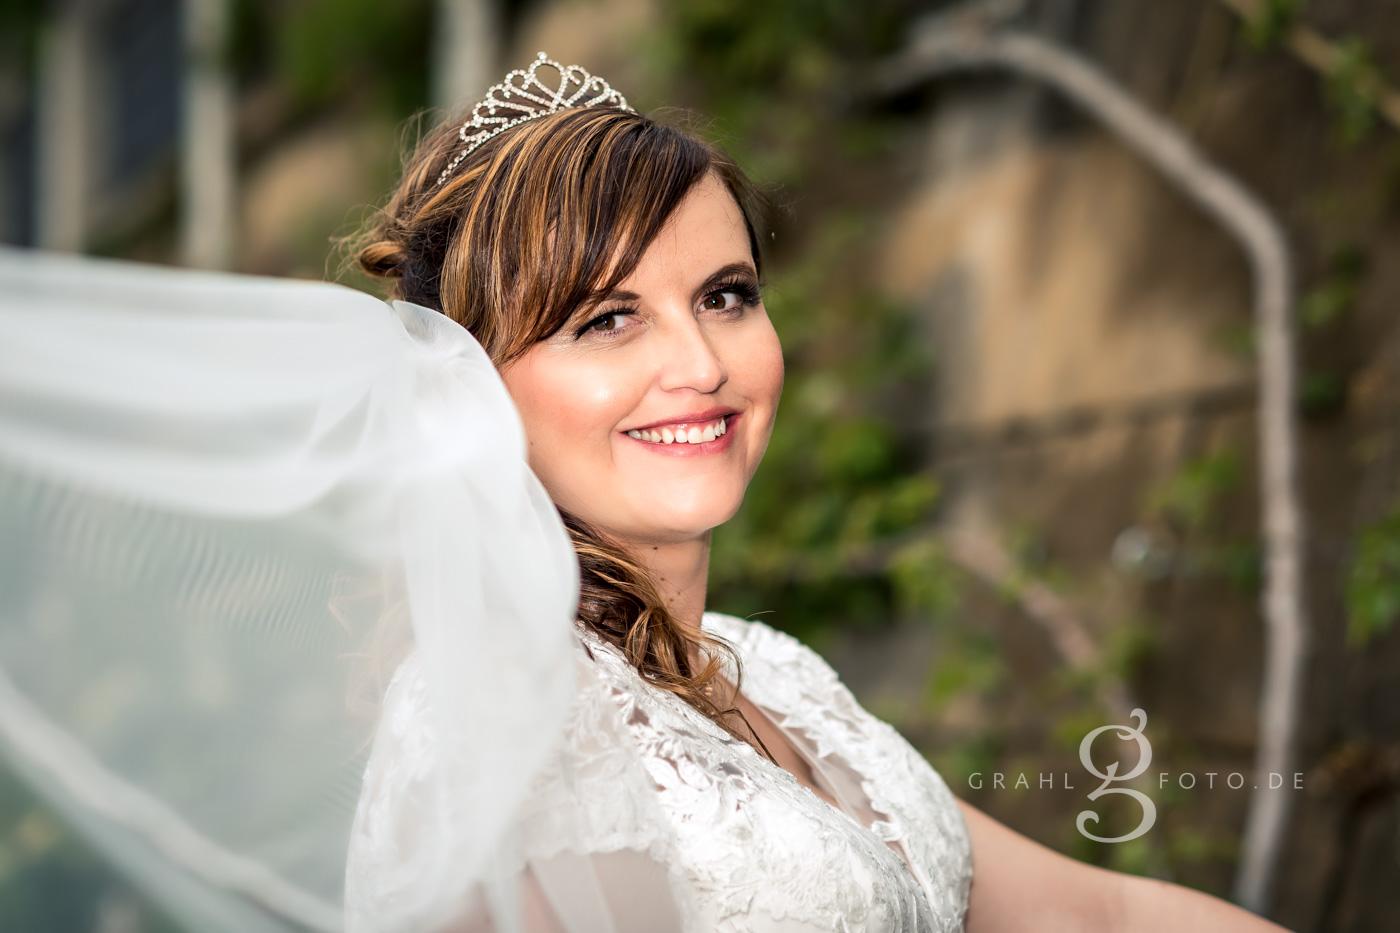 Grahlfoto Hochzeitsfotografie Hochzeitsreportage Freital Schloss Burgk Schlosspark mit Cordula Maria Grahl